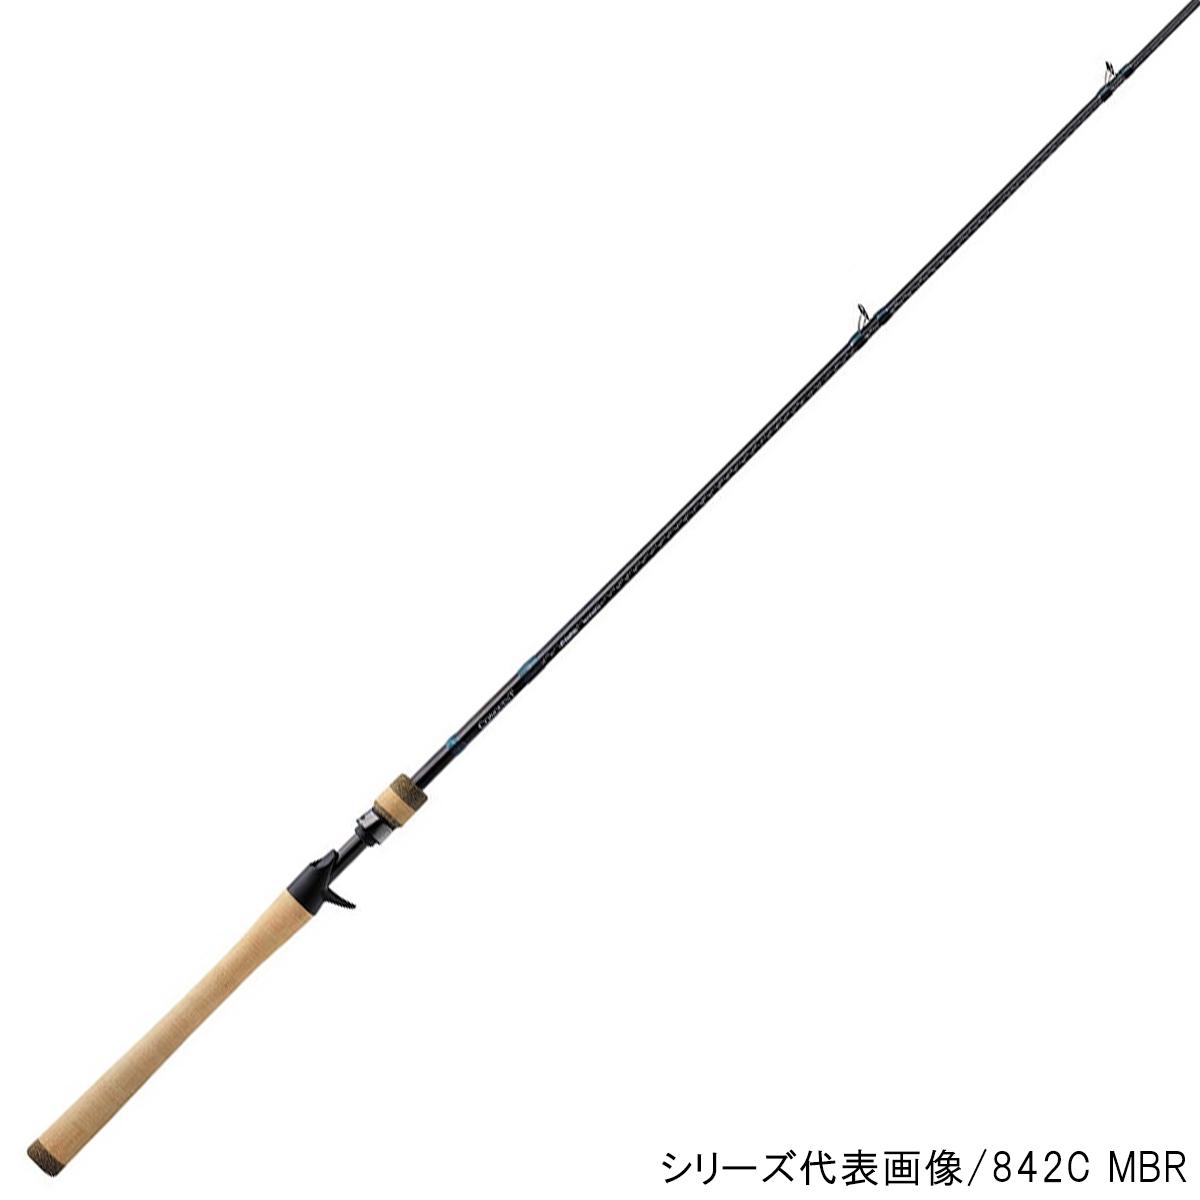 シマノ コンクエスト(ベイト) 903C MBR【大型商品】